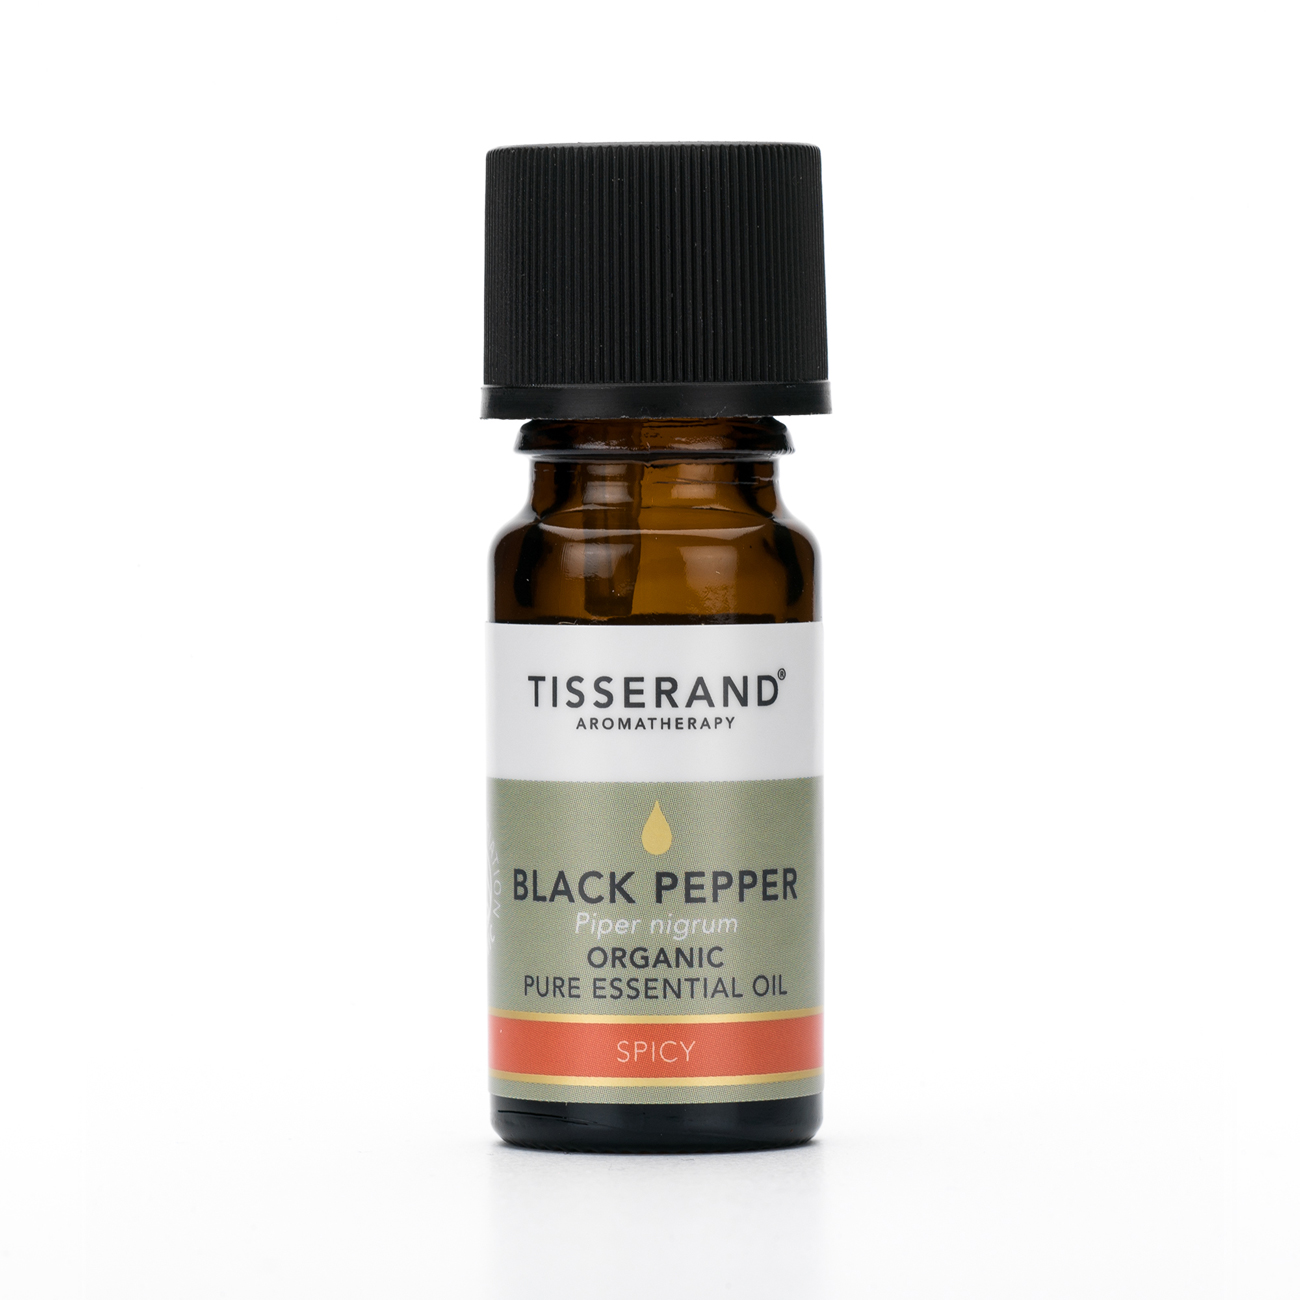 Black Pepper Organic Pure Essential Oil 9ml